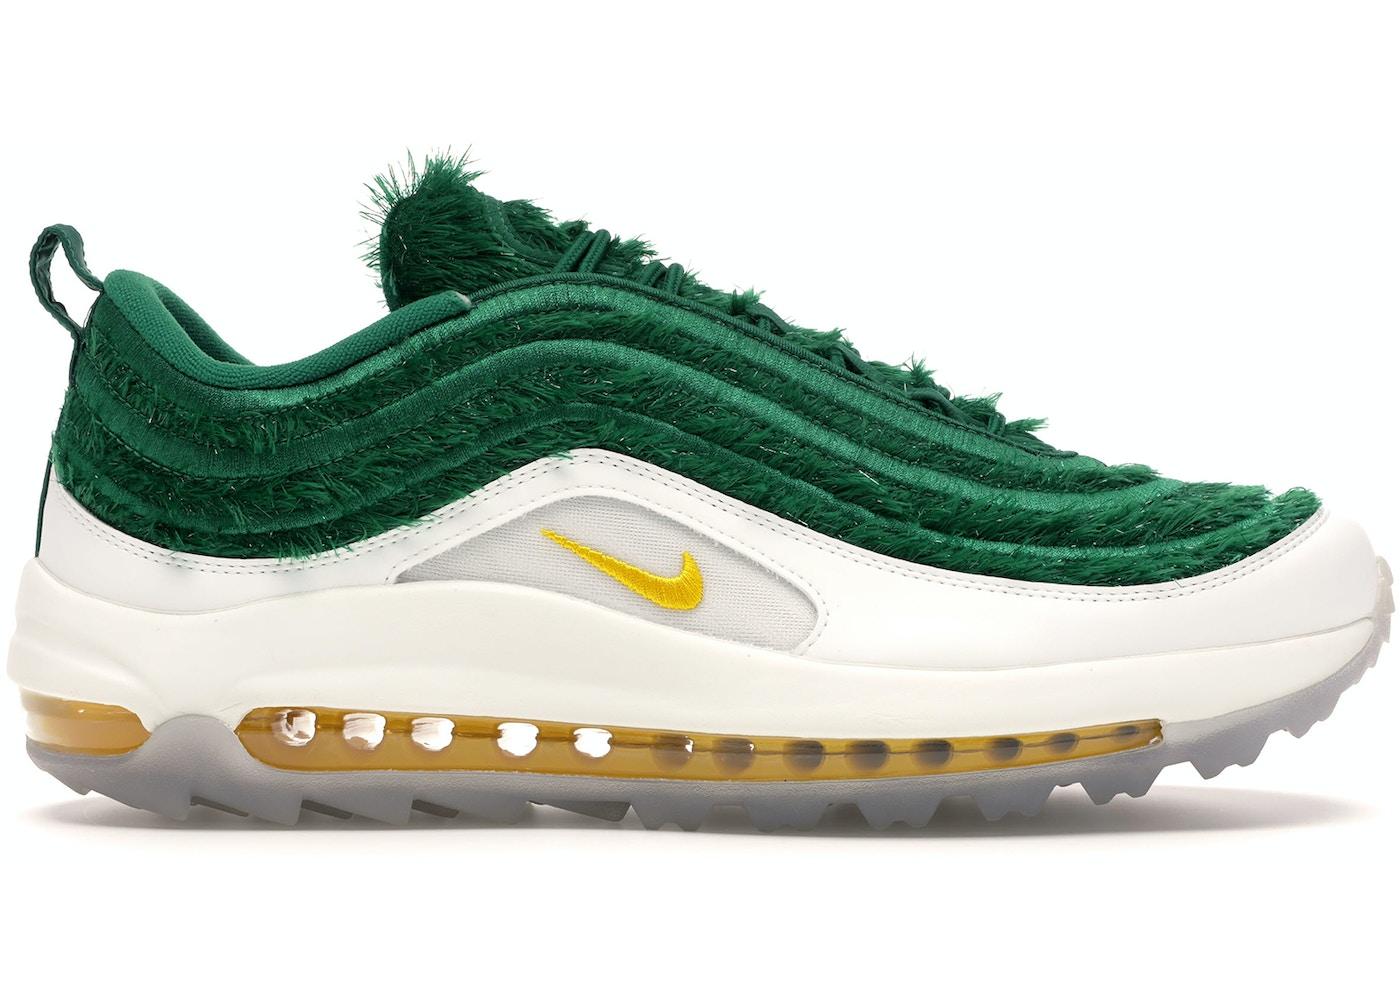 Factura Mojado Incorrecto  Nike Air Max 97 Golf Grass - CK4437-100